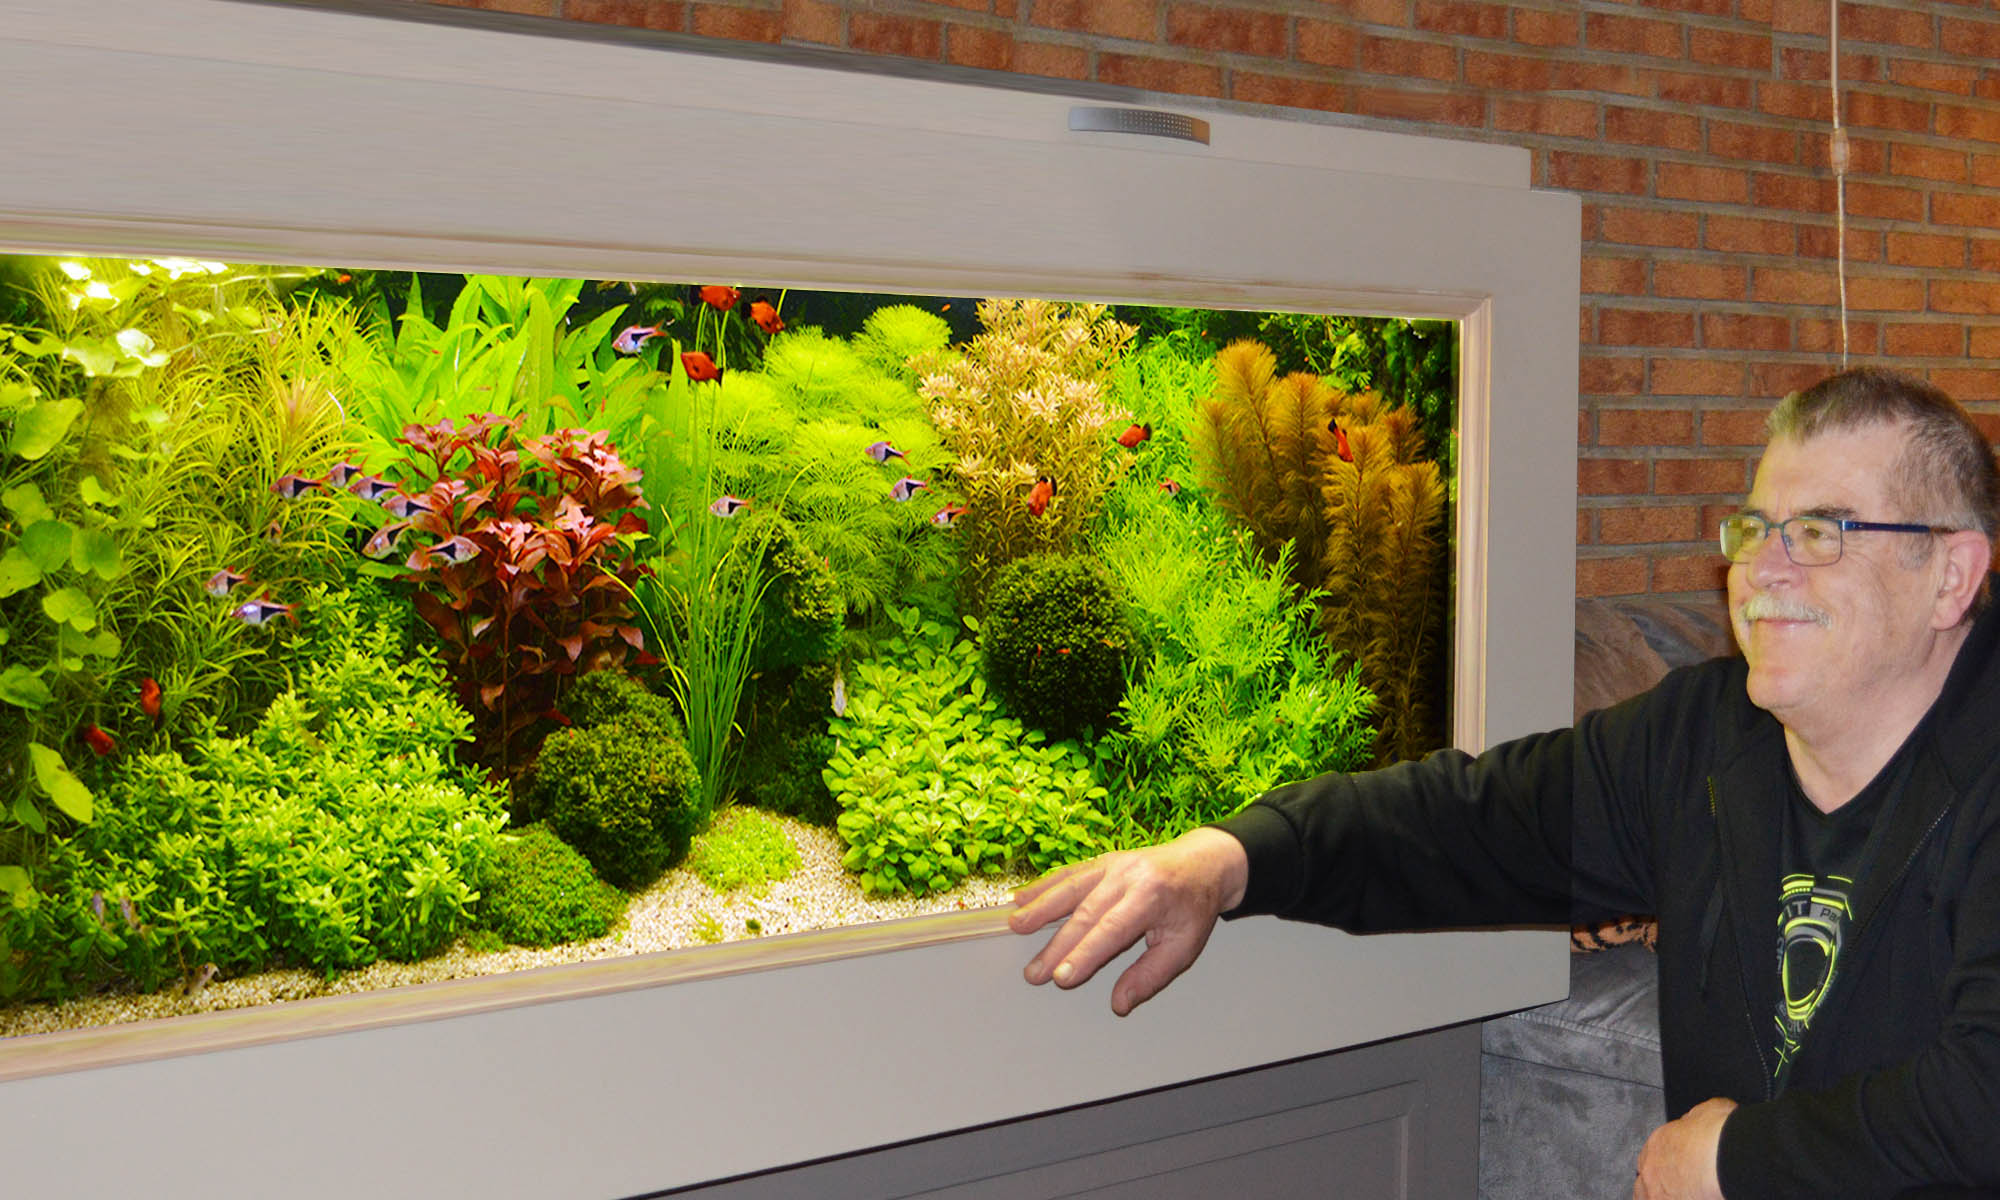 Welkom op de website van Willem van Wezel uw Aquarium-adviseur